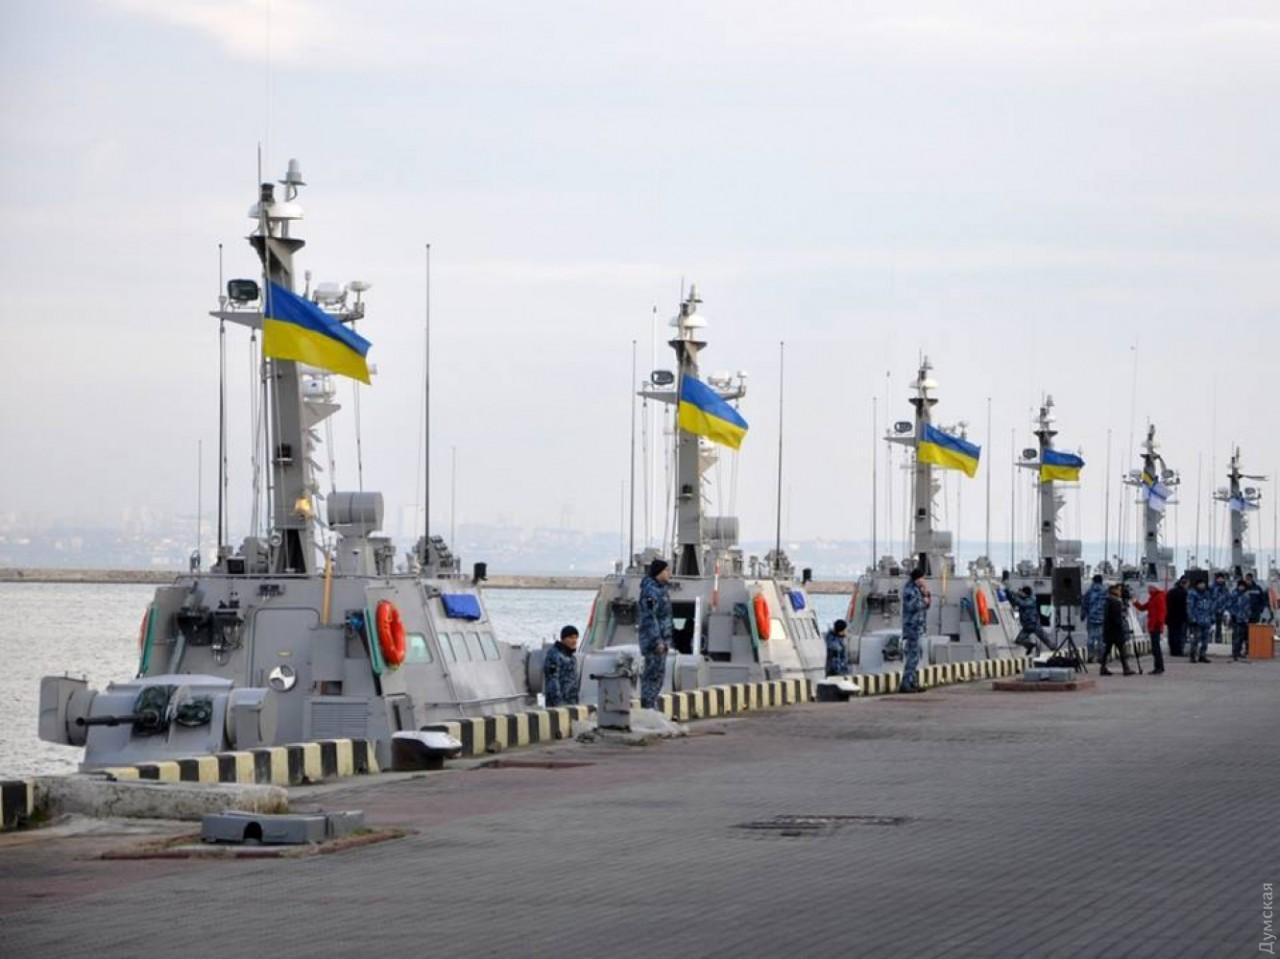 Беззащитный защитник: украинская «Гюрза-М» осталась без ракет